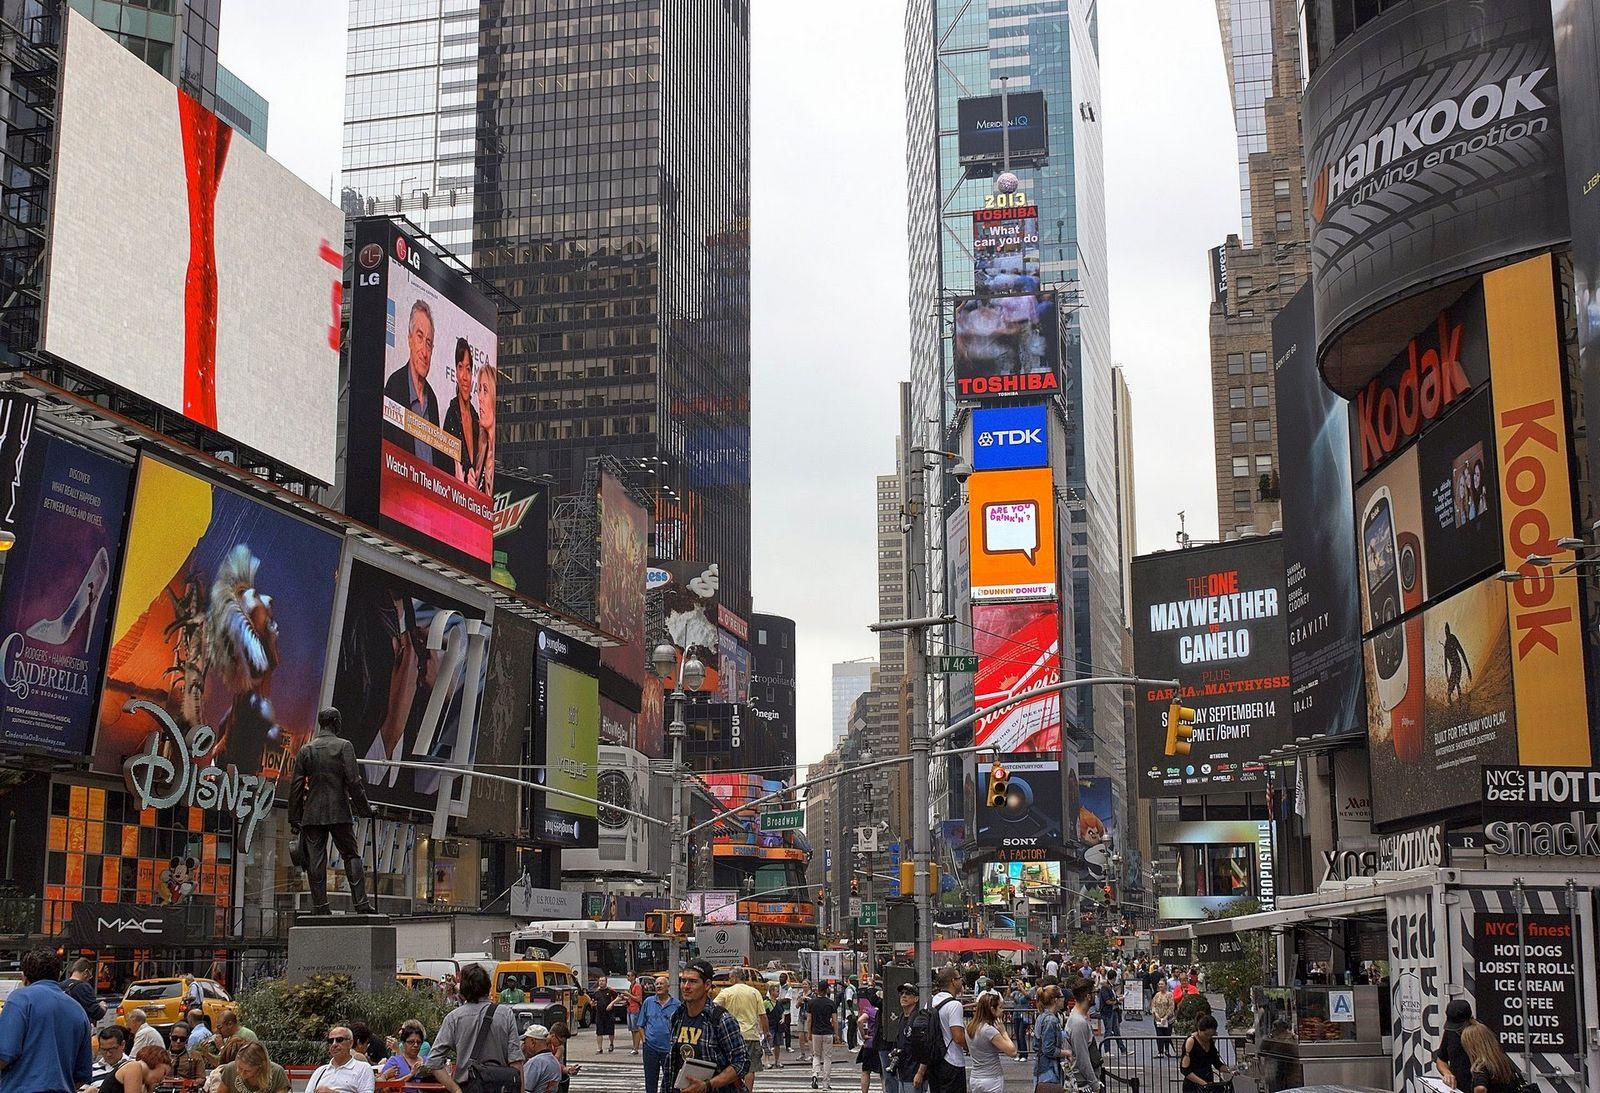 Al hacerla peatonal, ahora en lugar de coches está abarrotada de gente